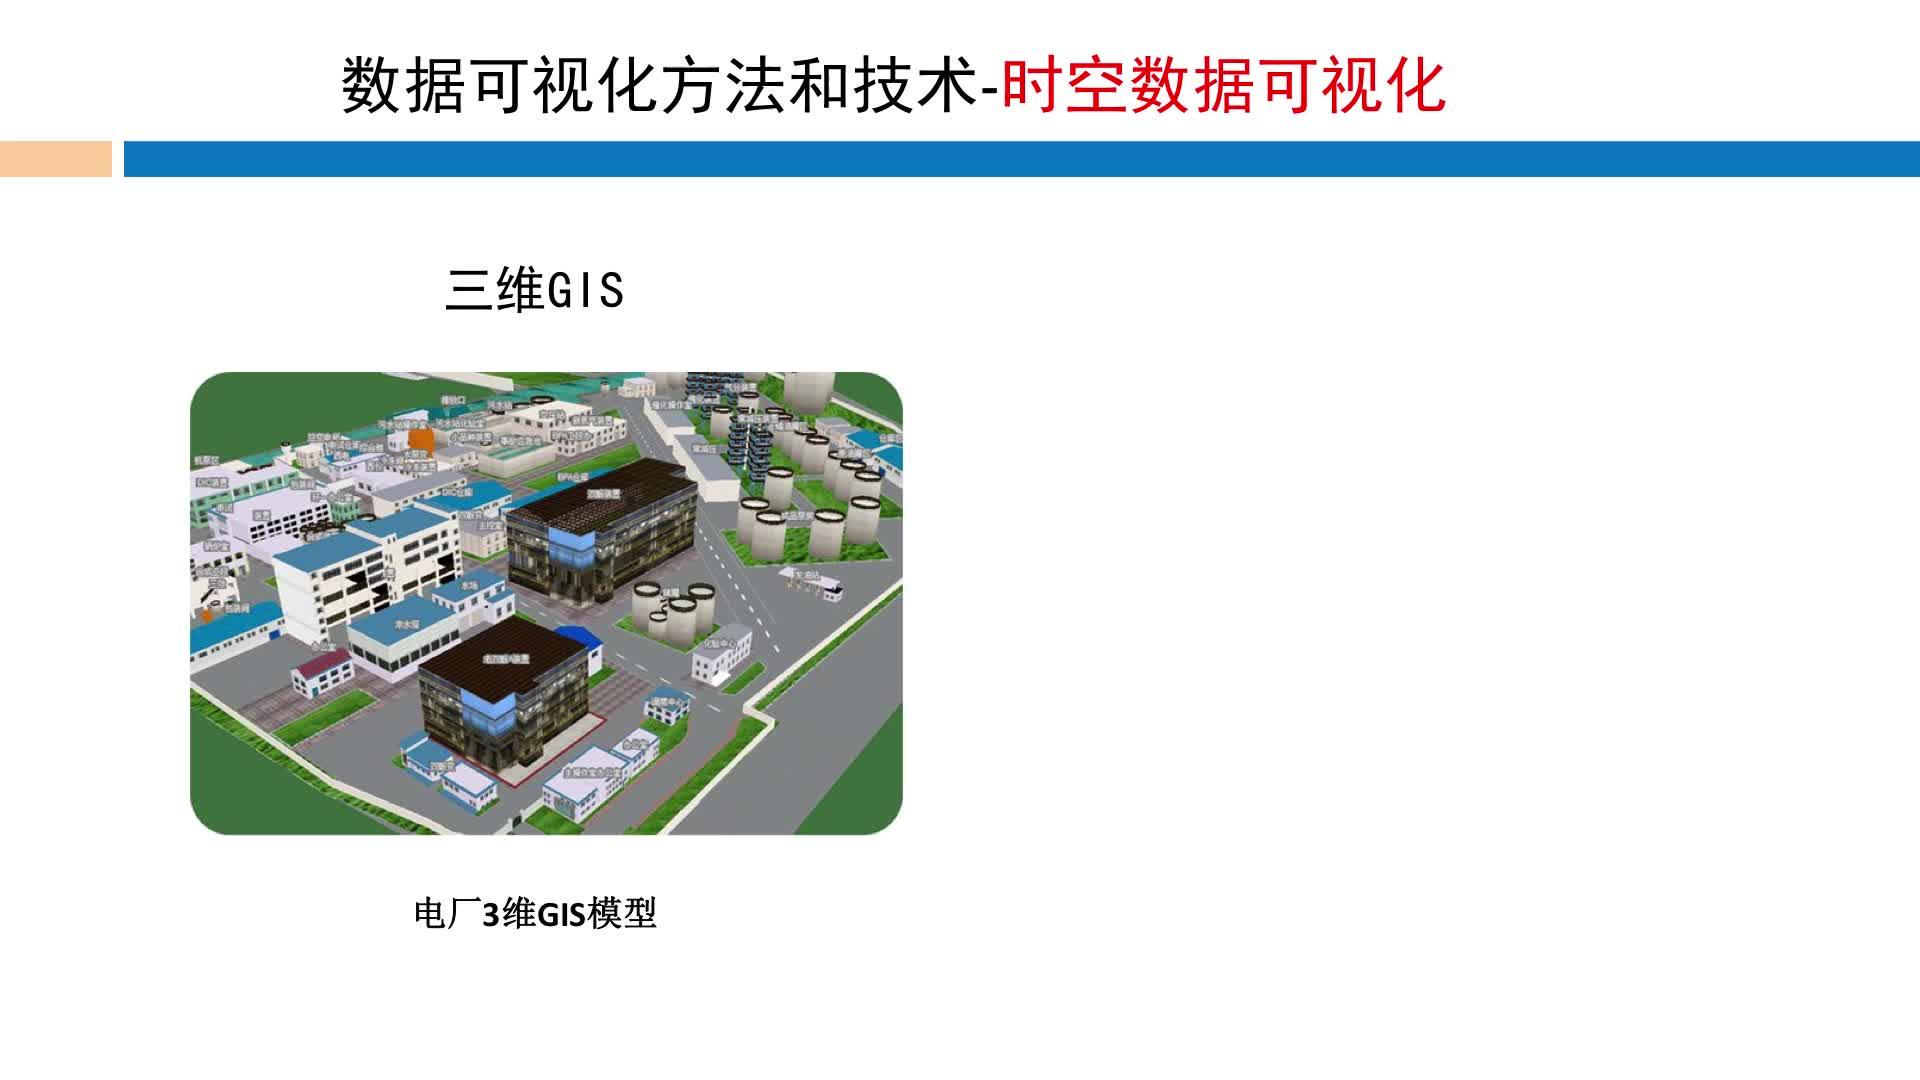 北京理工大学慕课——袁汉宁:数据可视化(三)